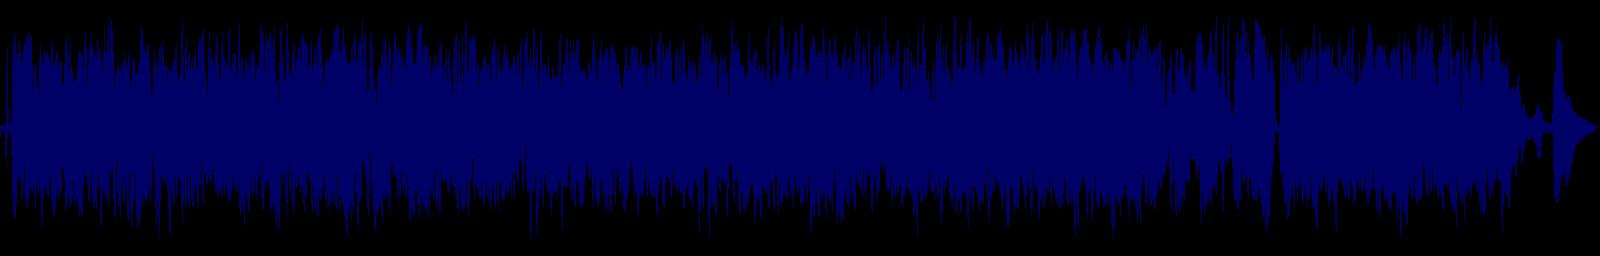 waveform of track #143653